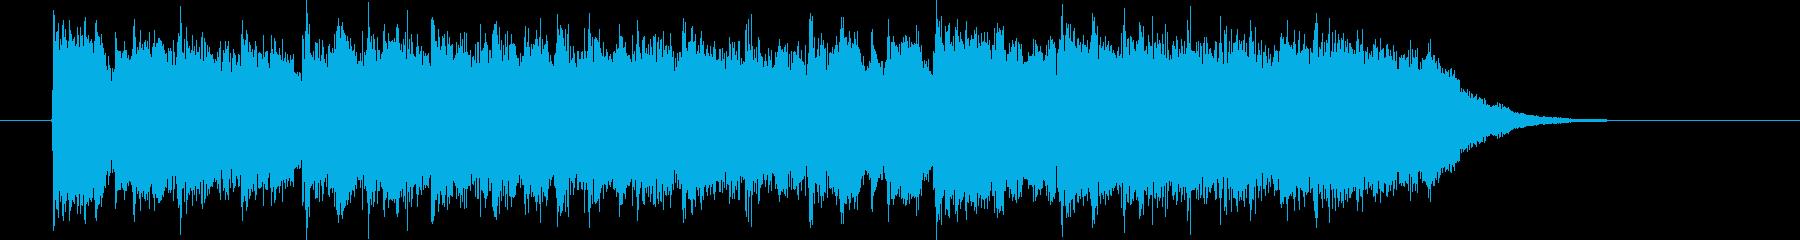 華やかなメロディが特徴のポップスの再生済みの波形